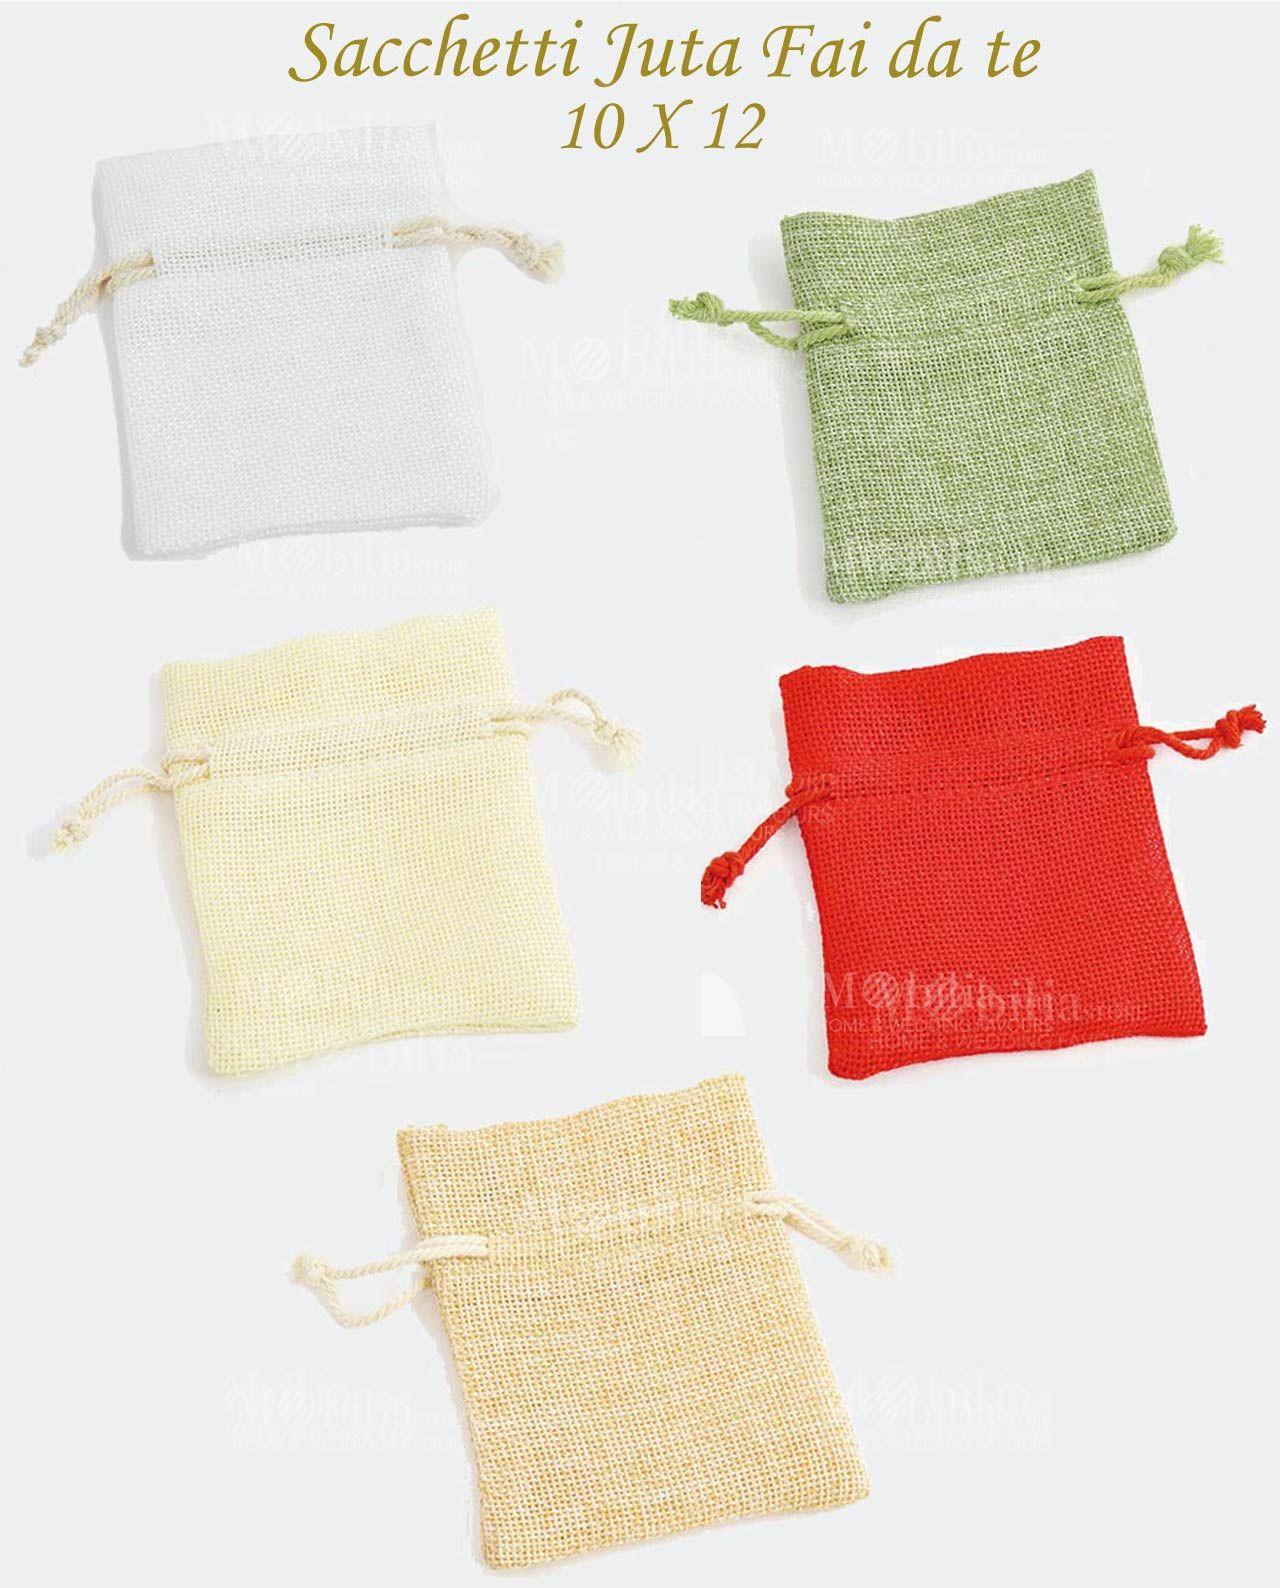 Eccezionale Sacchetti Portaconfetti Juta Fai Da Te 10 X 12, disponibili in 5  KM15